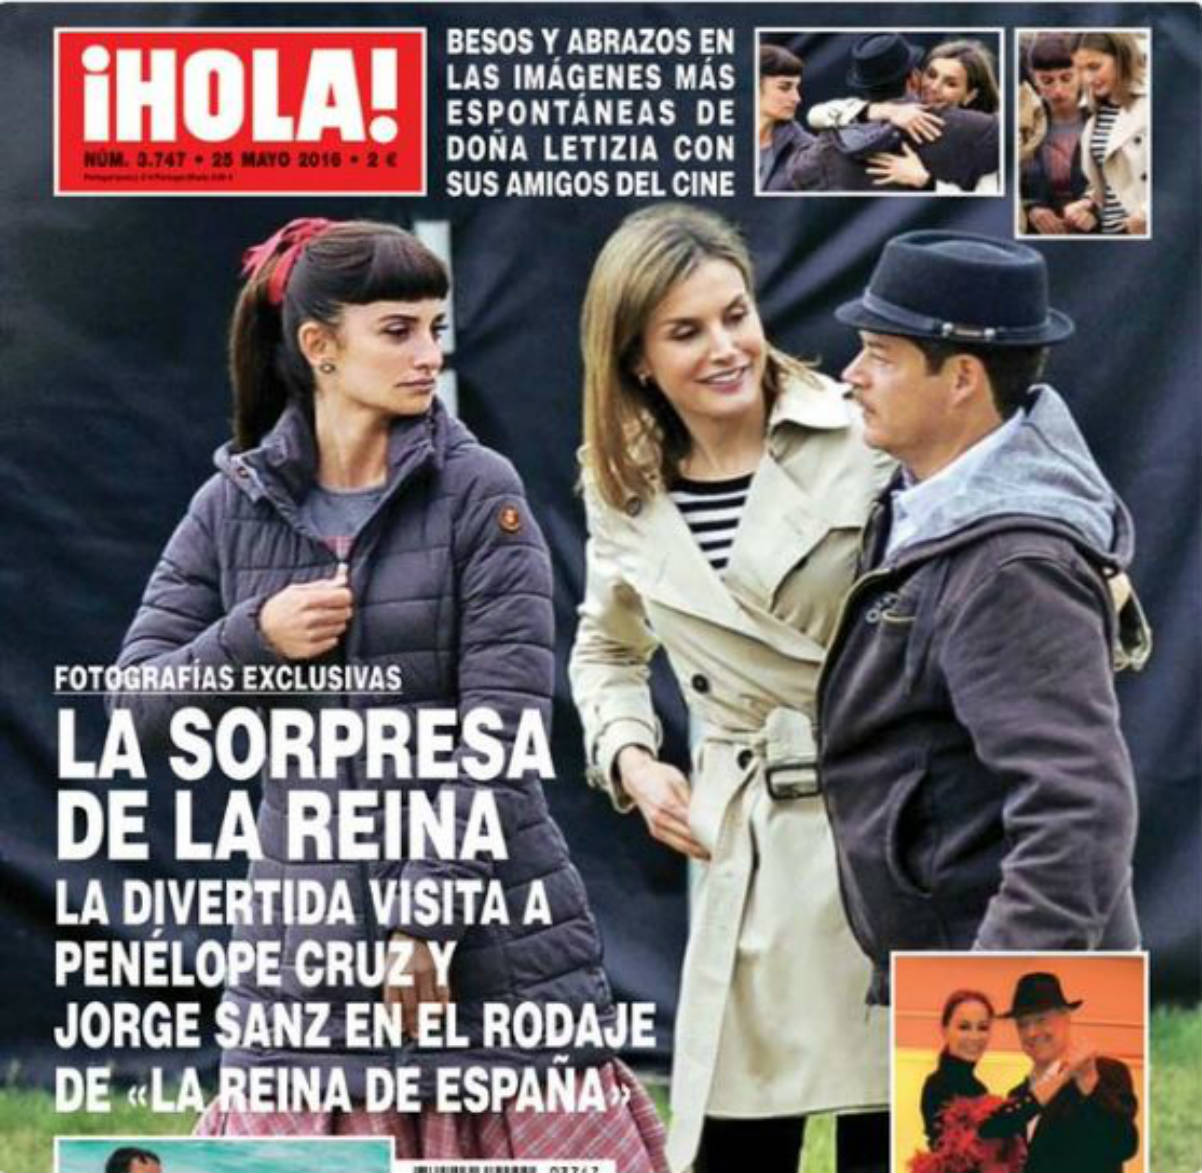 Doña Letizia visito el rodaje de «La reina de España» (Hola -Twitter)